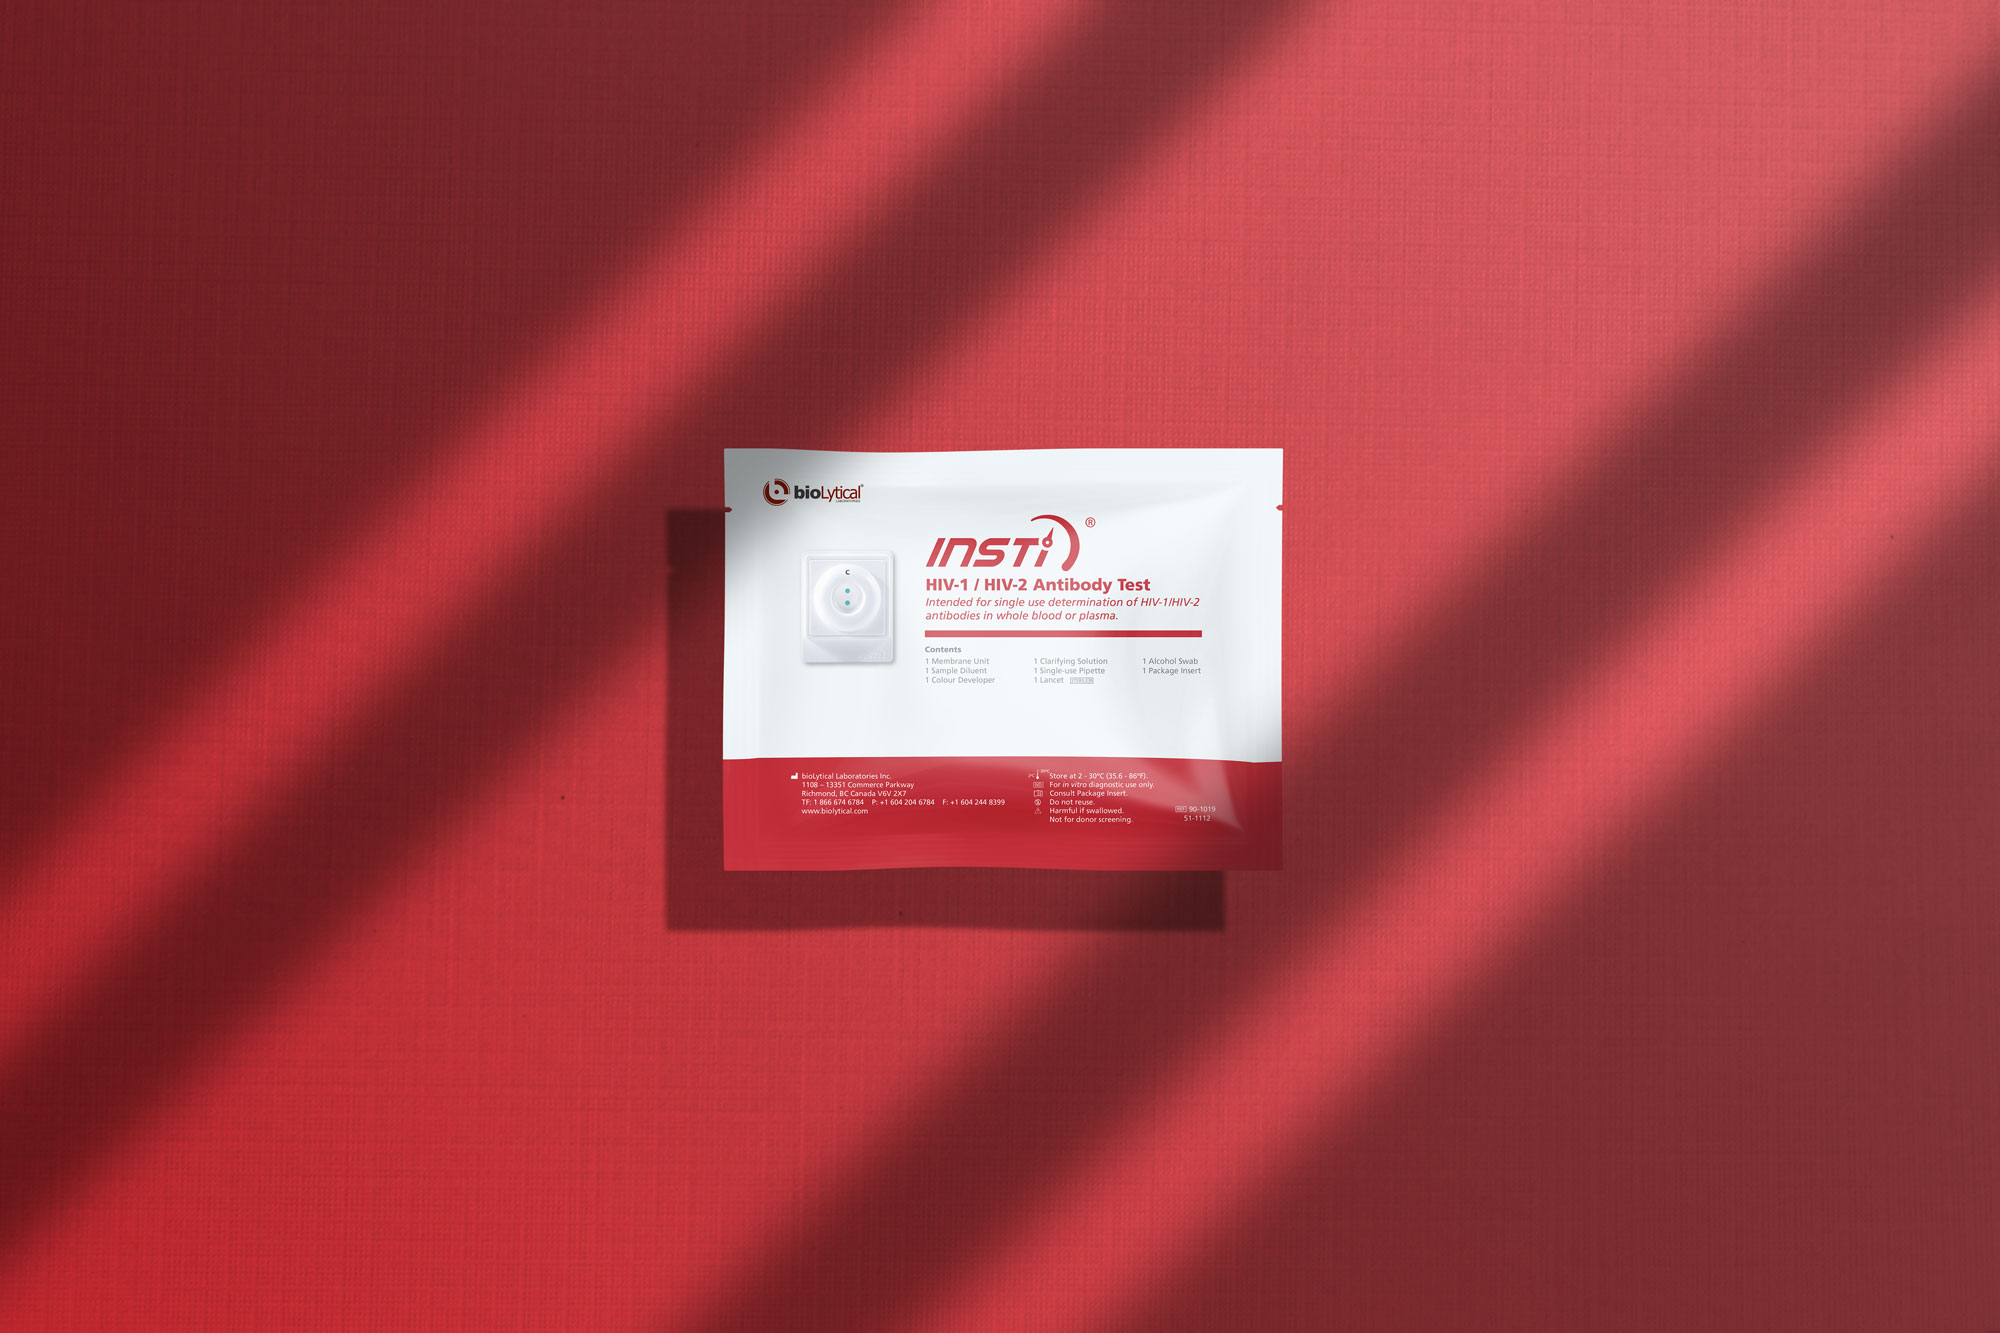 HIV-1-HIV-2-antibody-test